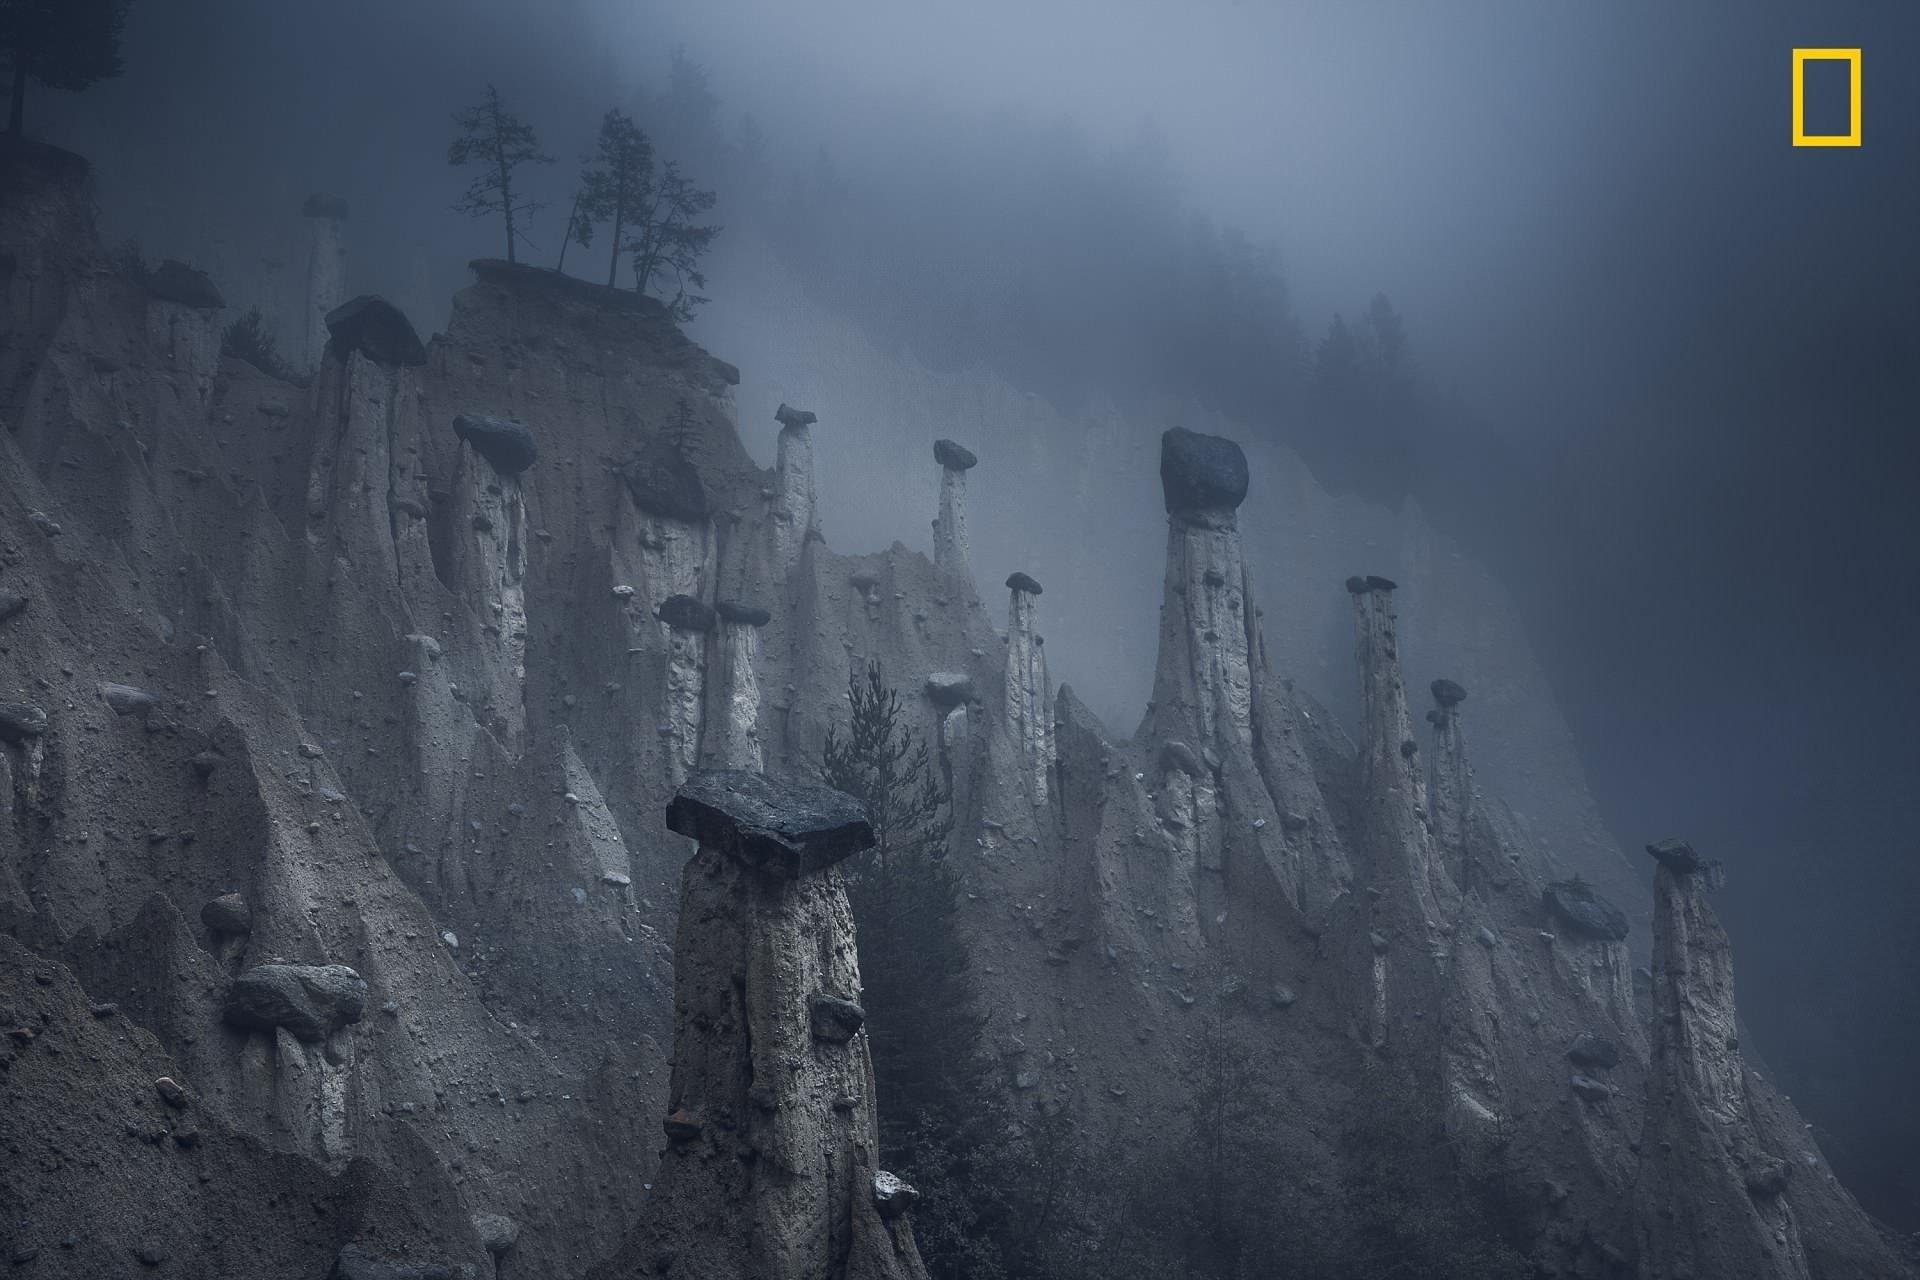 """Фото: Marco Grassi. Южный Тироль, Италия. Третье место в категории """"природа"""" National Geographic Traveler, national geograhic, лучшие фотографии, победители, победители конкурса, фотографии года, фотоконкурс"""